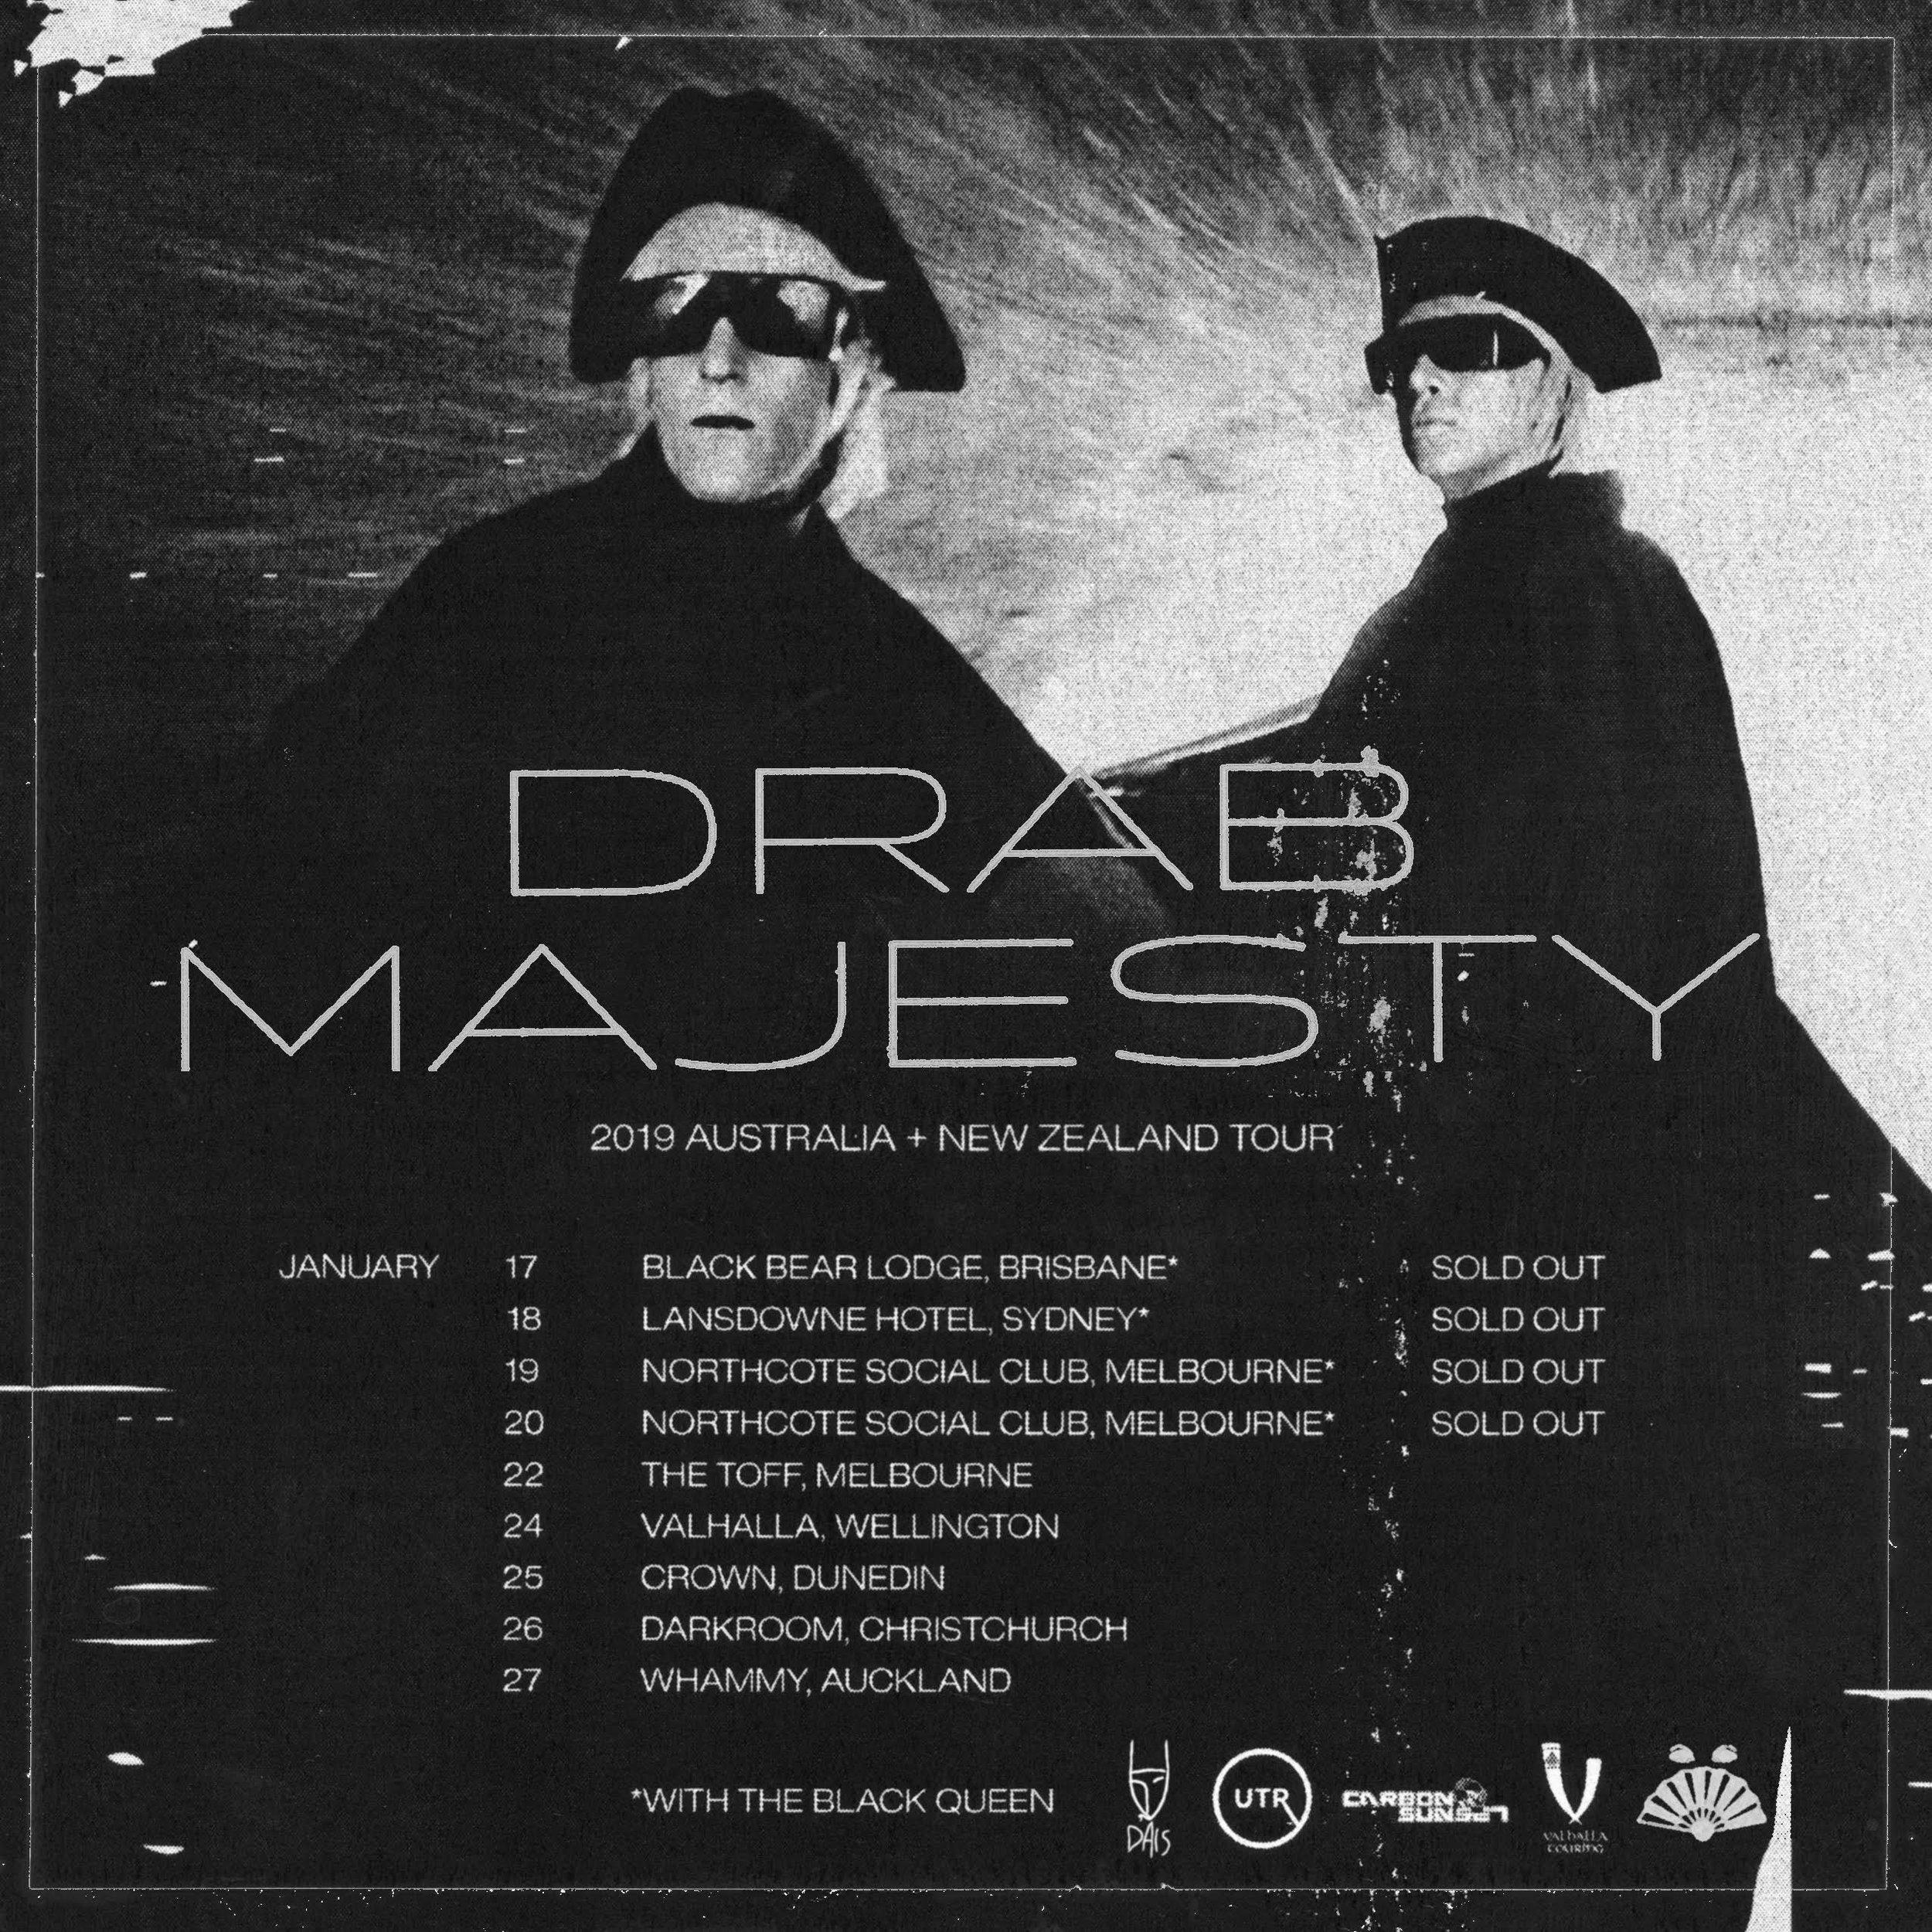 DM tour instagram.jpg